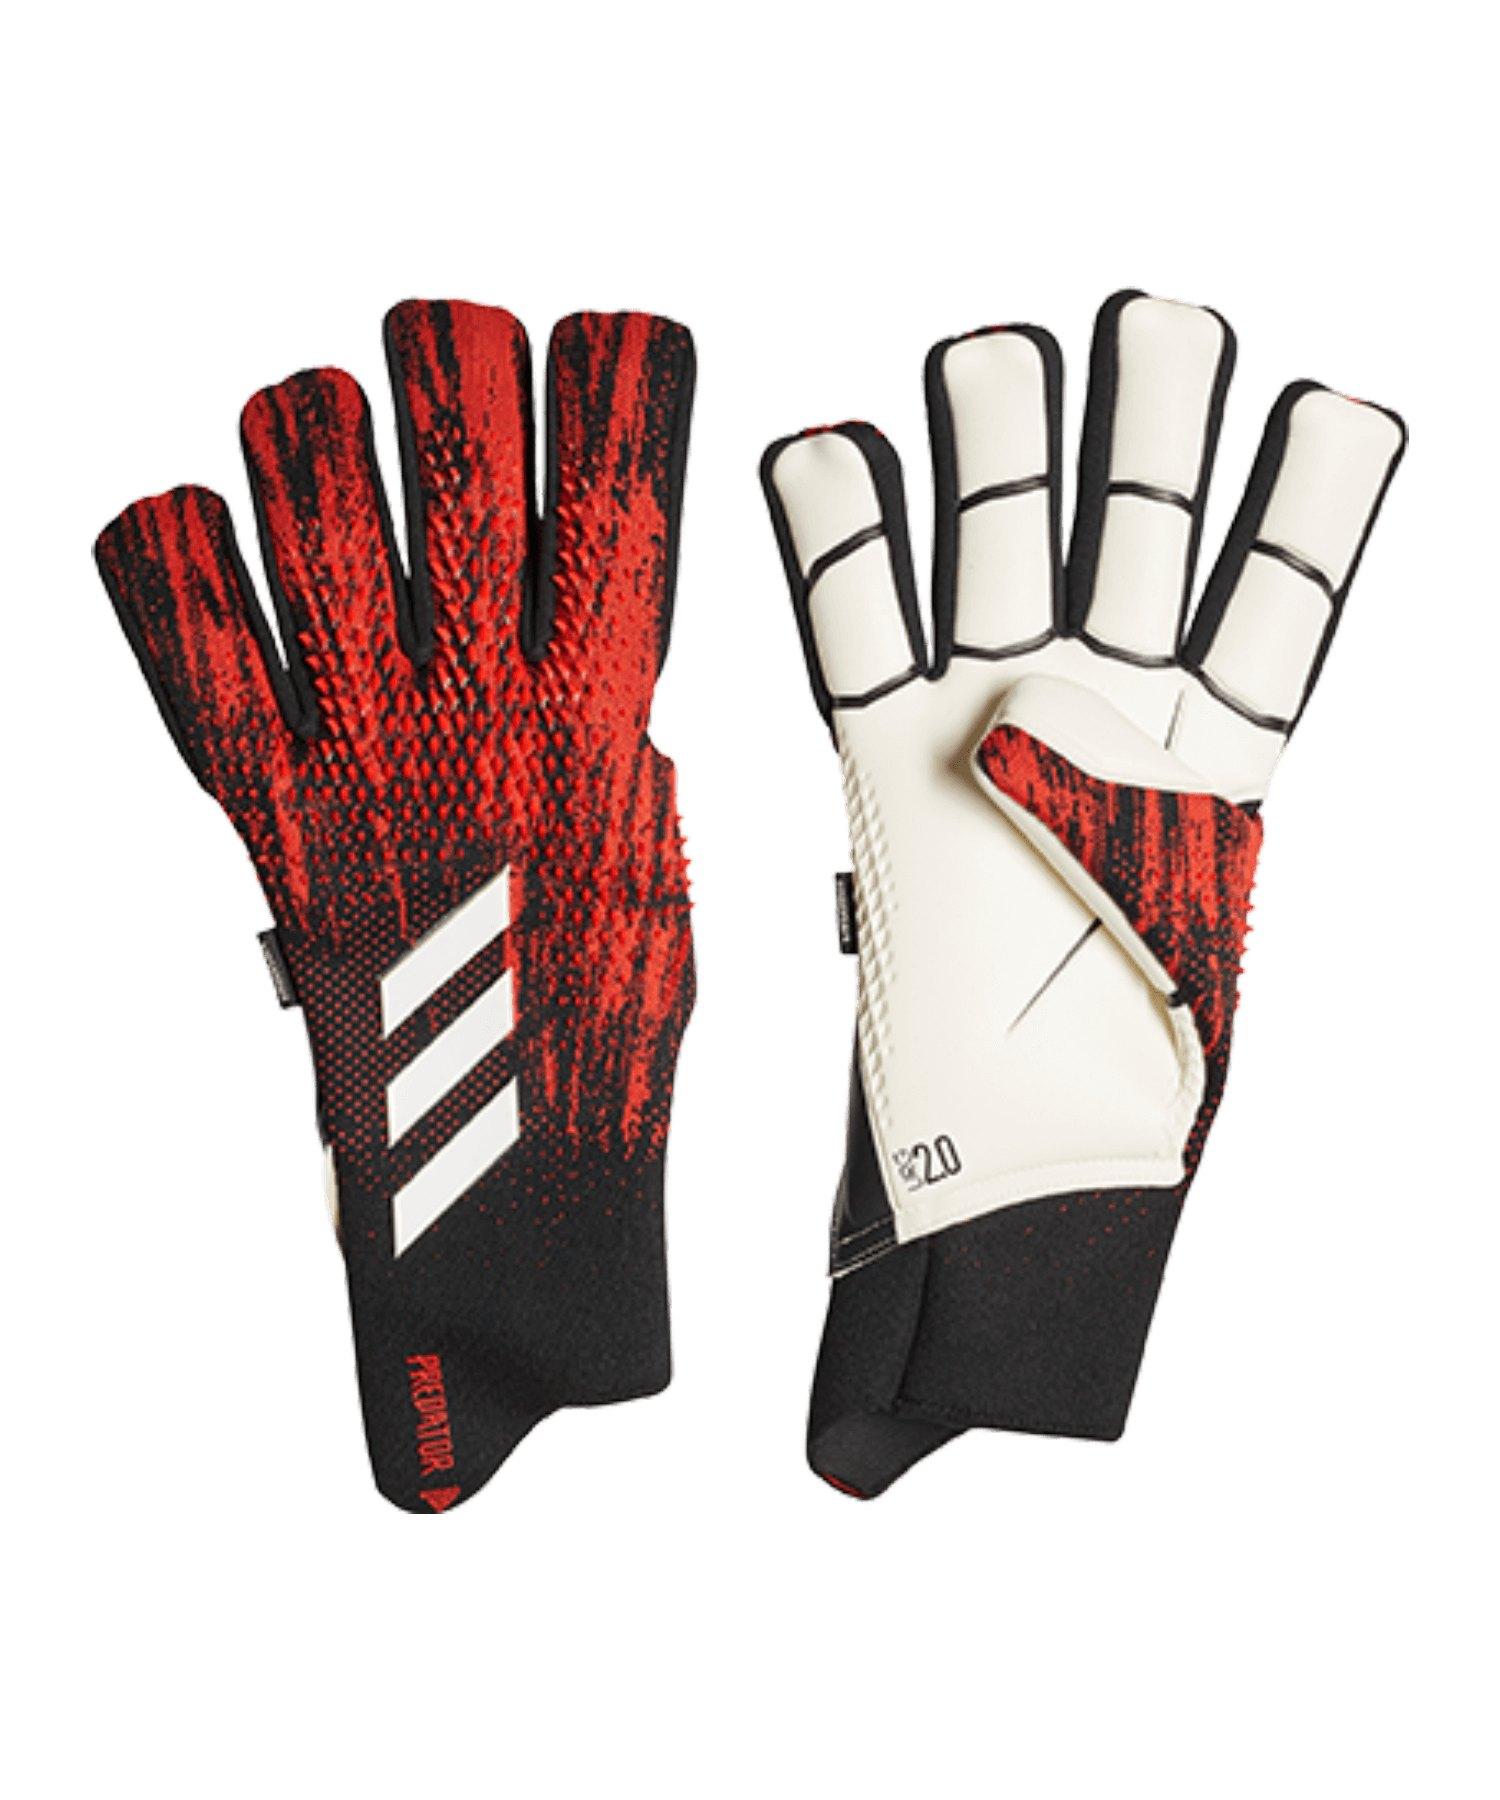 adidas Predator Pro FS TW-Handschuh Schwarz Rot - schwarz